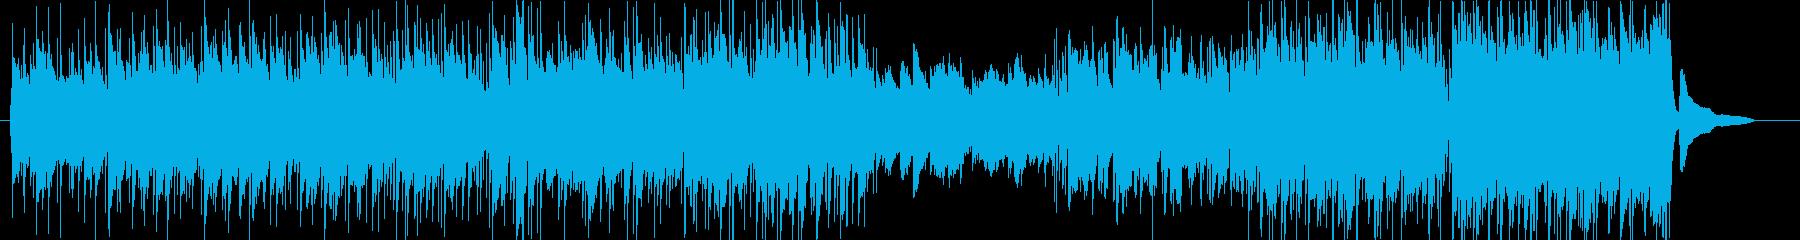 ファンタジーRPG・草原の爽やかなケルトの再生済みの波形